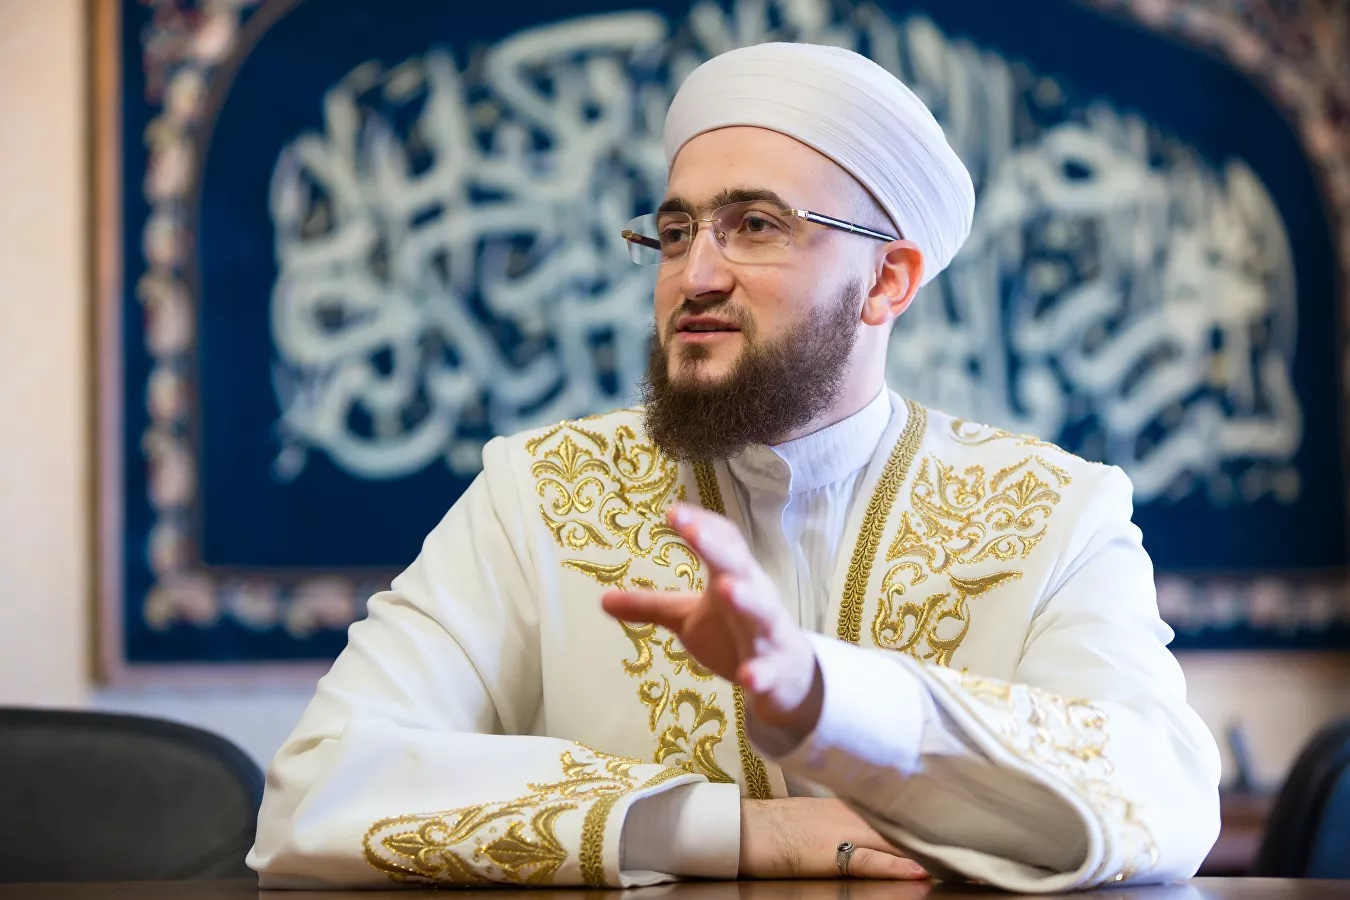 Самигуллин ответил на обвинения в неверном толковании Корана